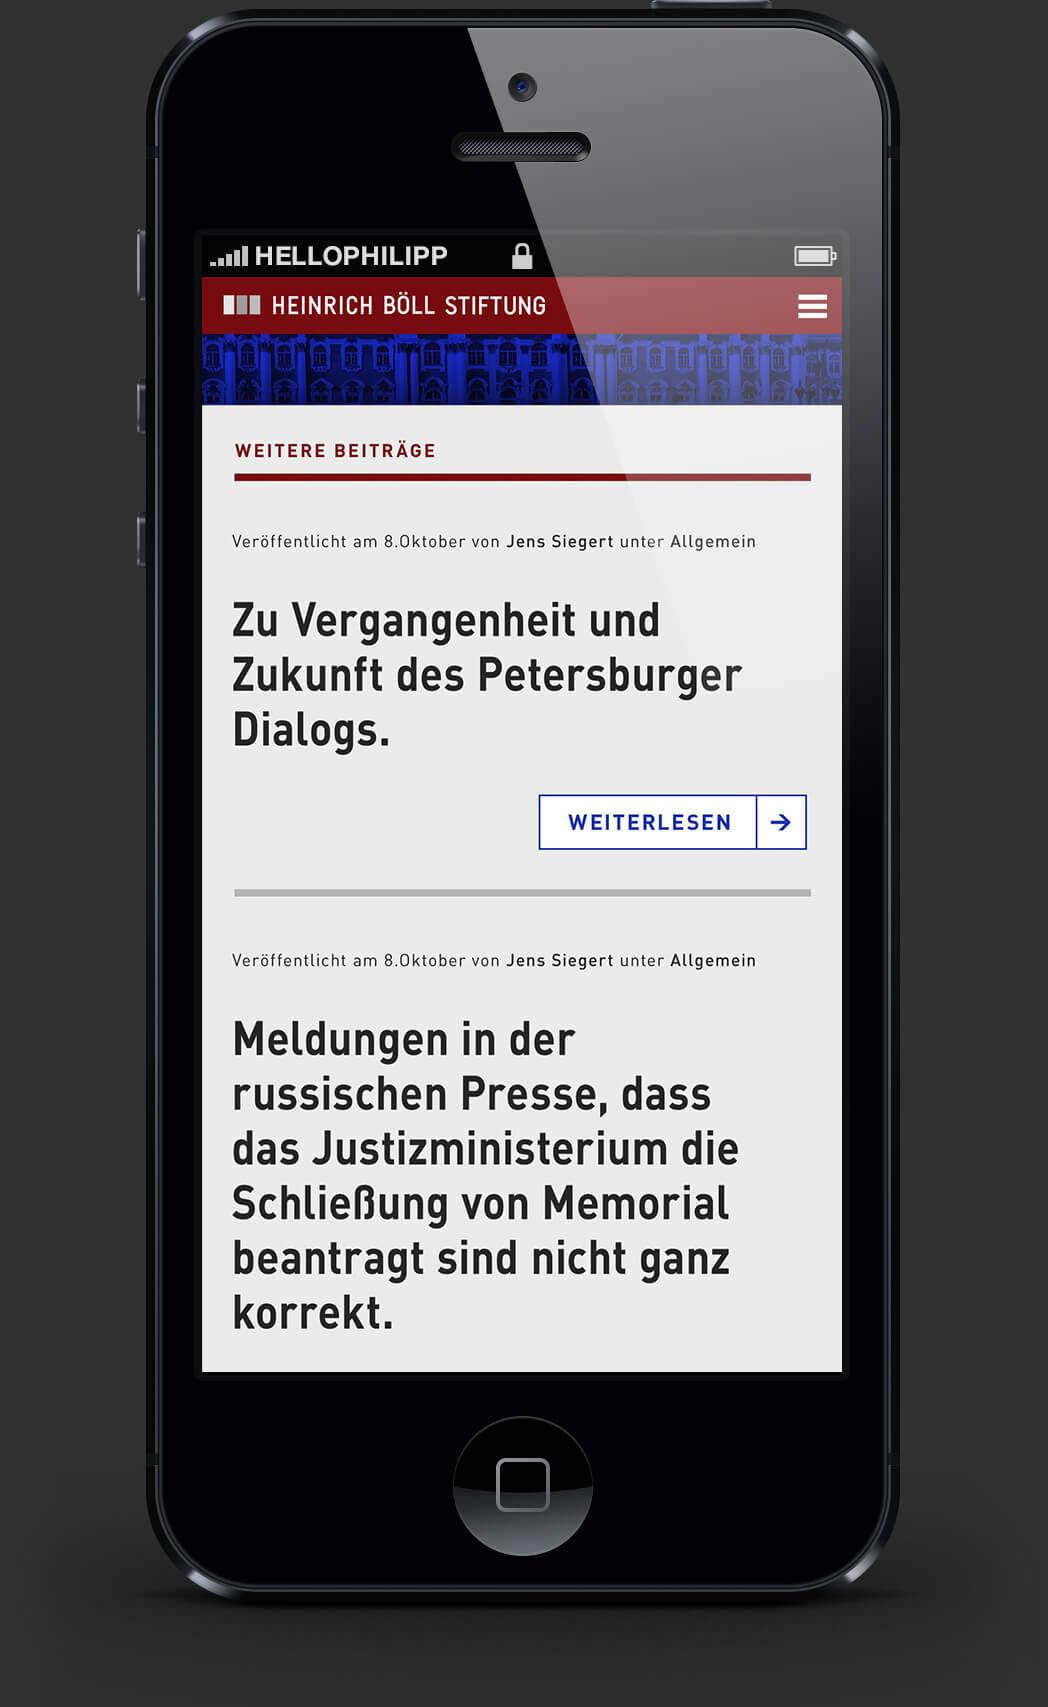 boell_start_mobile_3